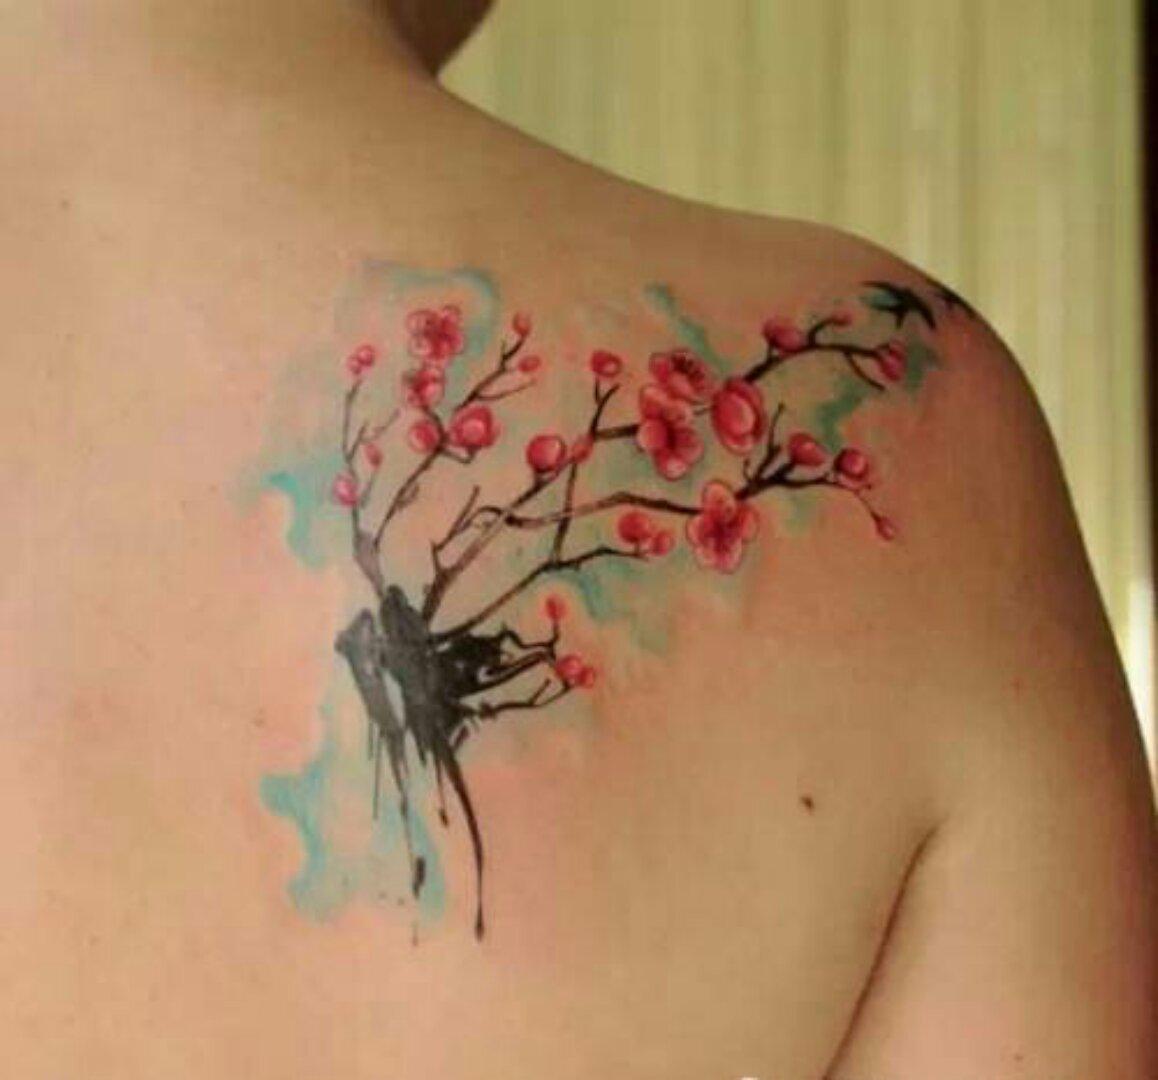 鄭州天龍紋身講解暫時性紋身|洗紋身-鄭州天龍紋身工作室